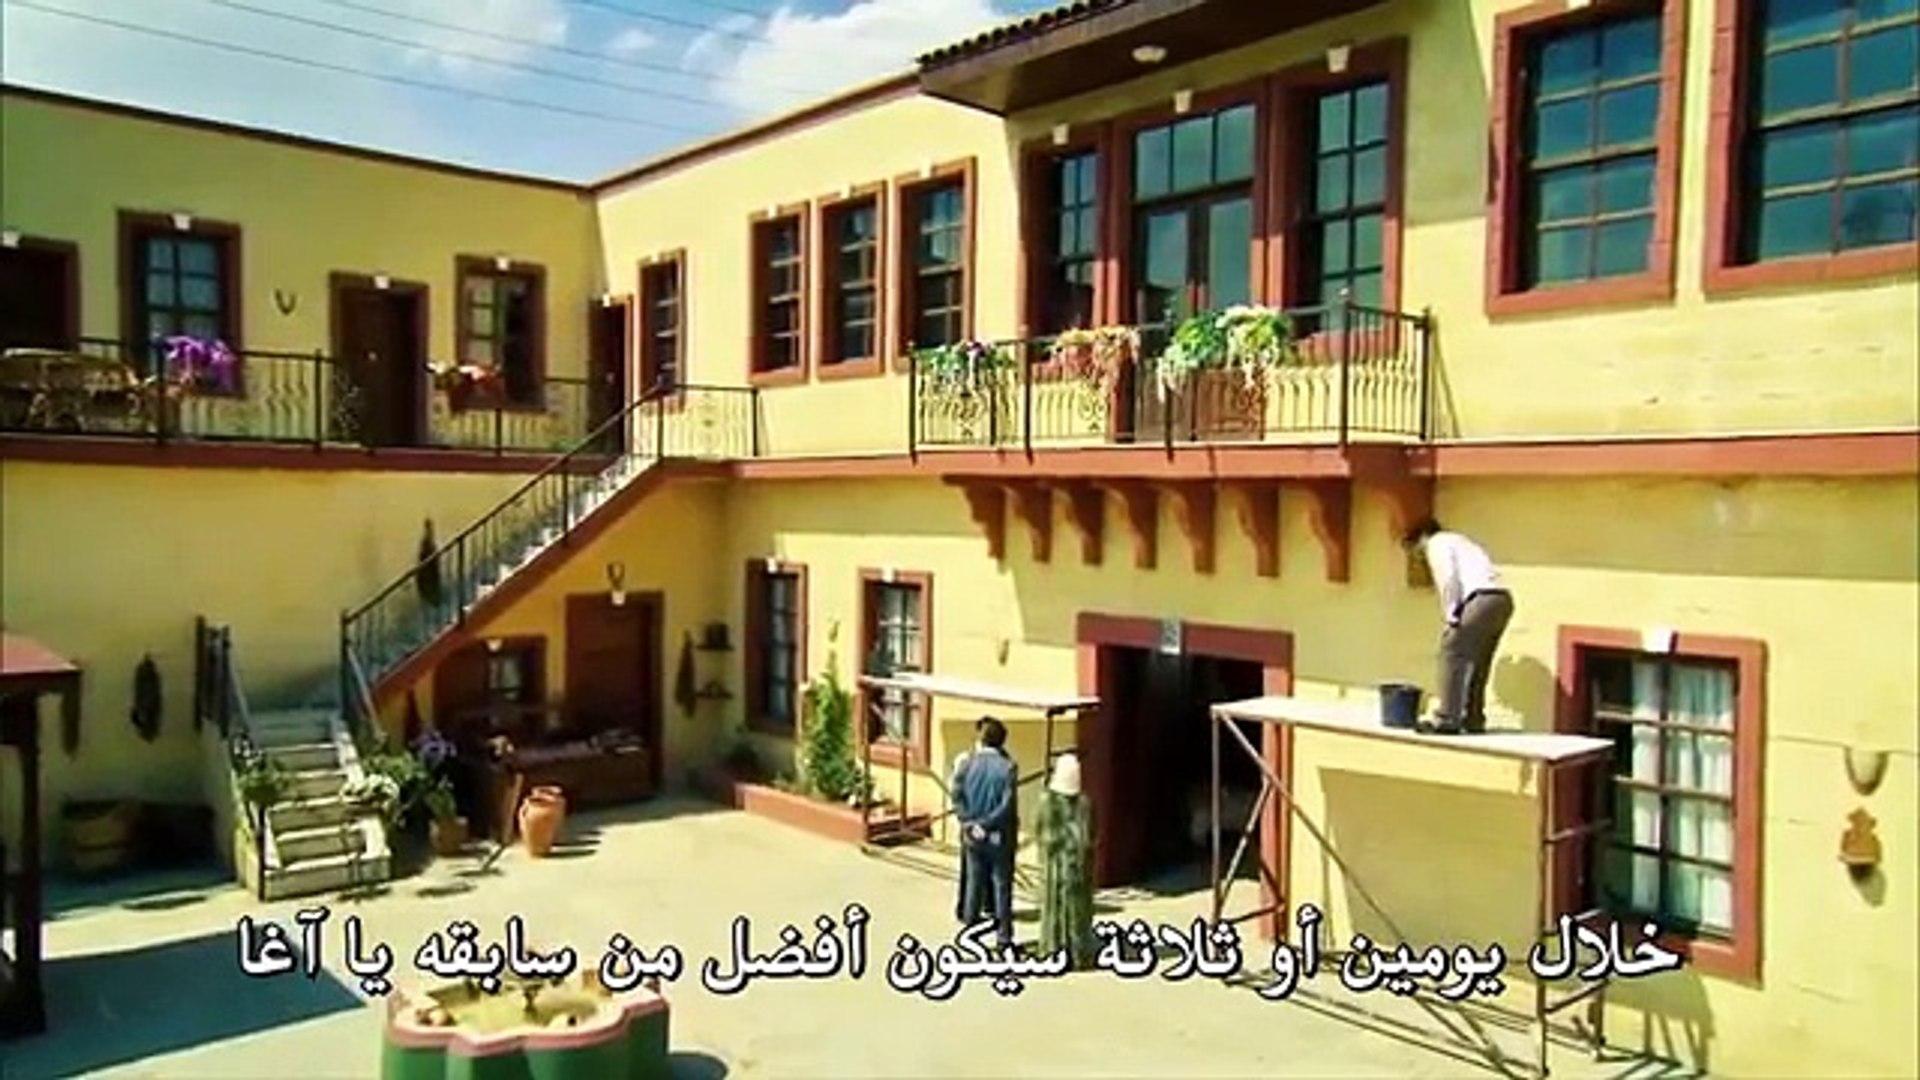 مسلسل زهرة القصر جزء و الموسم 5 الخامس الحلقة 1 مترجمة Video Dailymotion